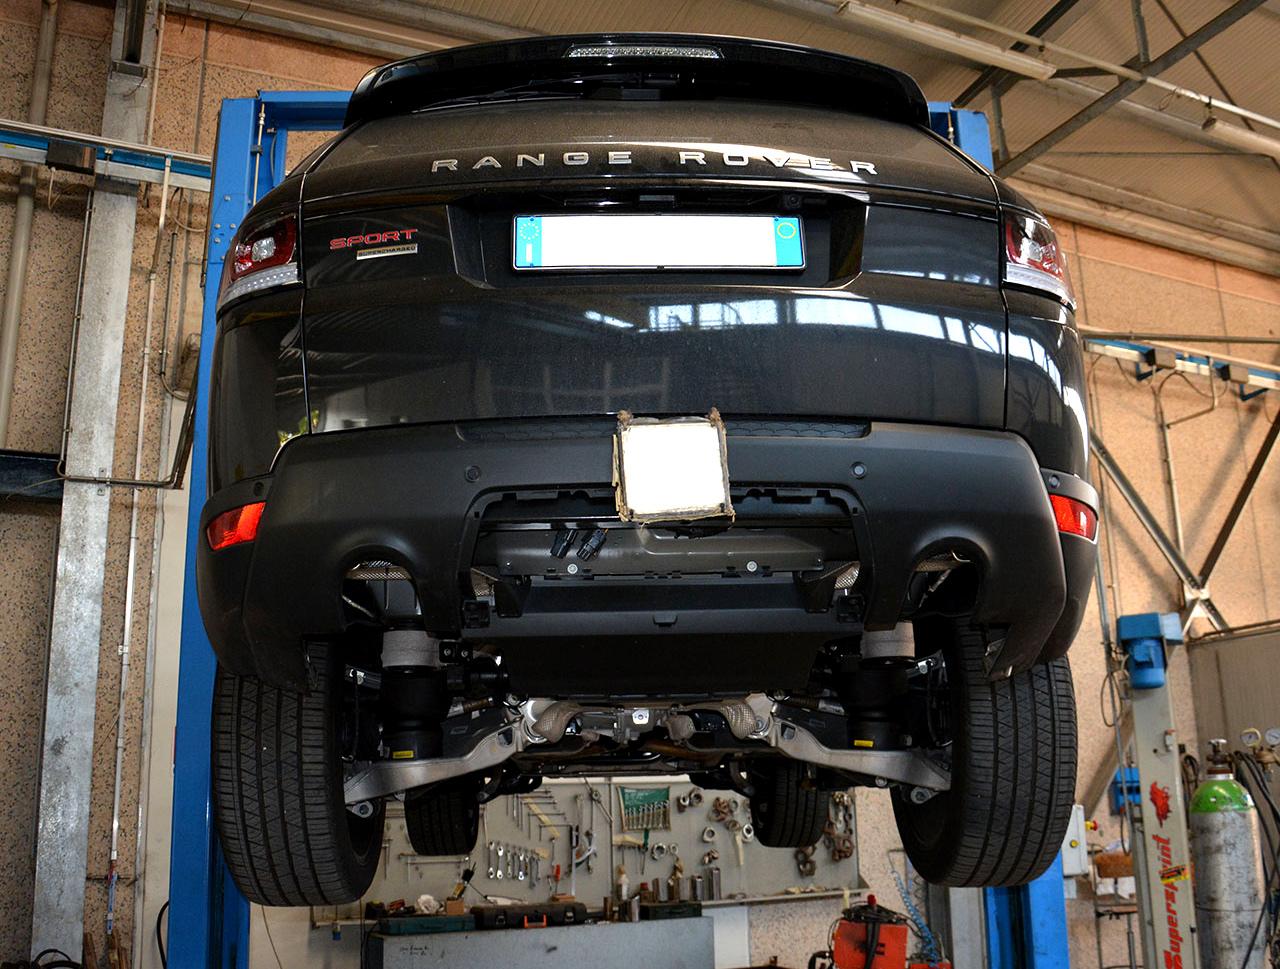 CПБ-ГЛУШИТЕЛЬ - Ремонт-катализатора-и-сажевого-фильтра-Land-Rover_02